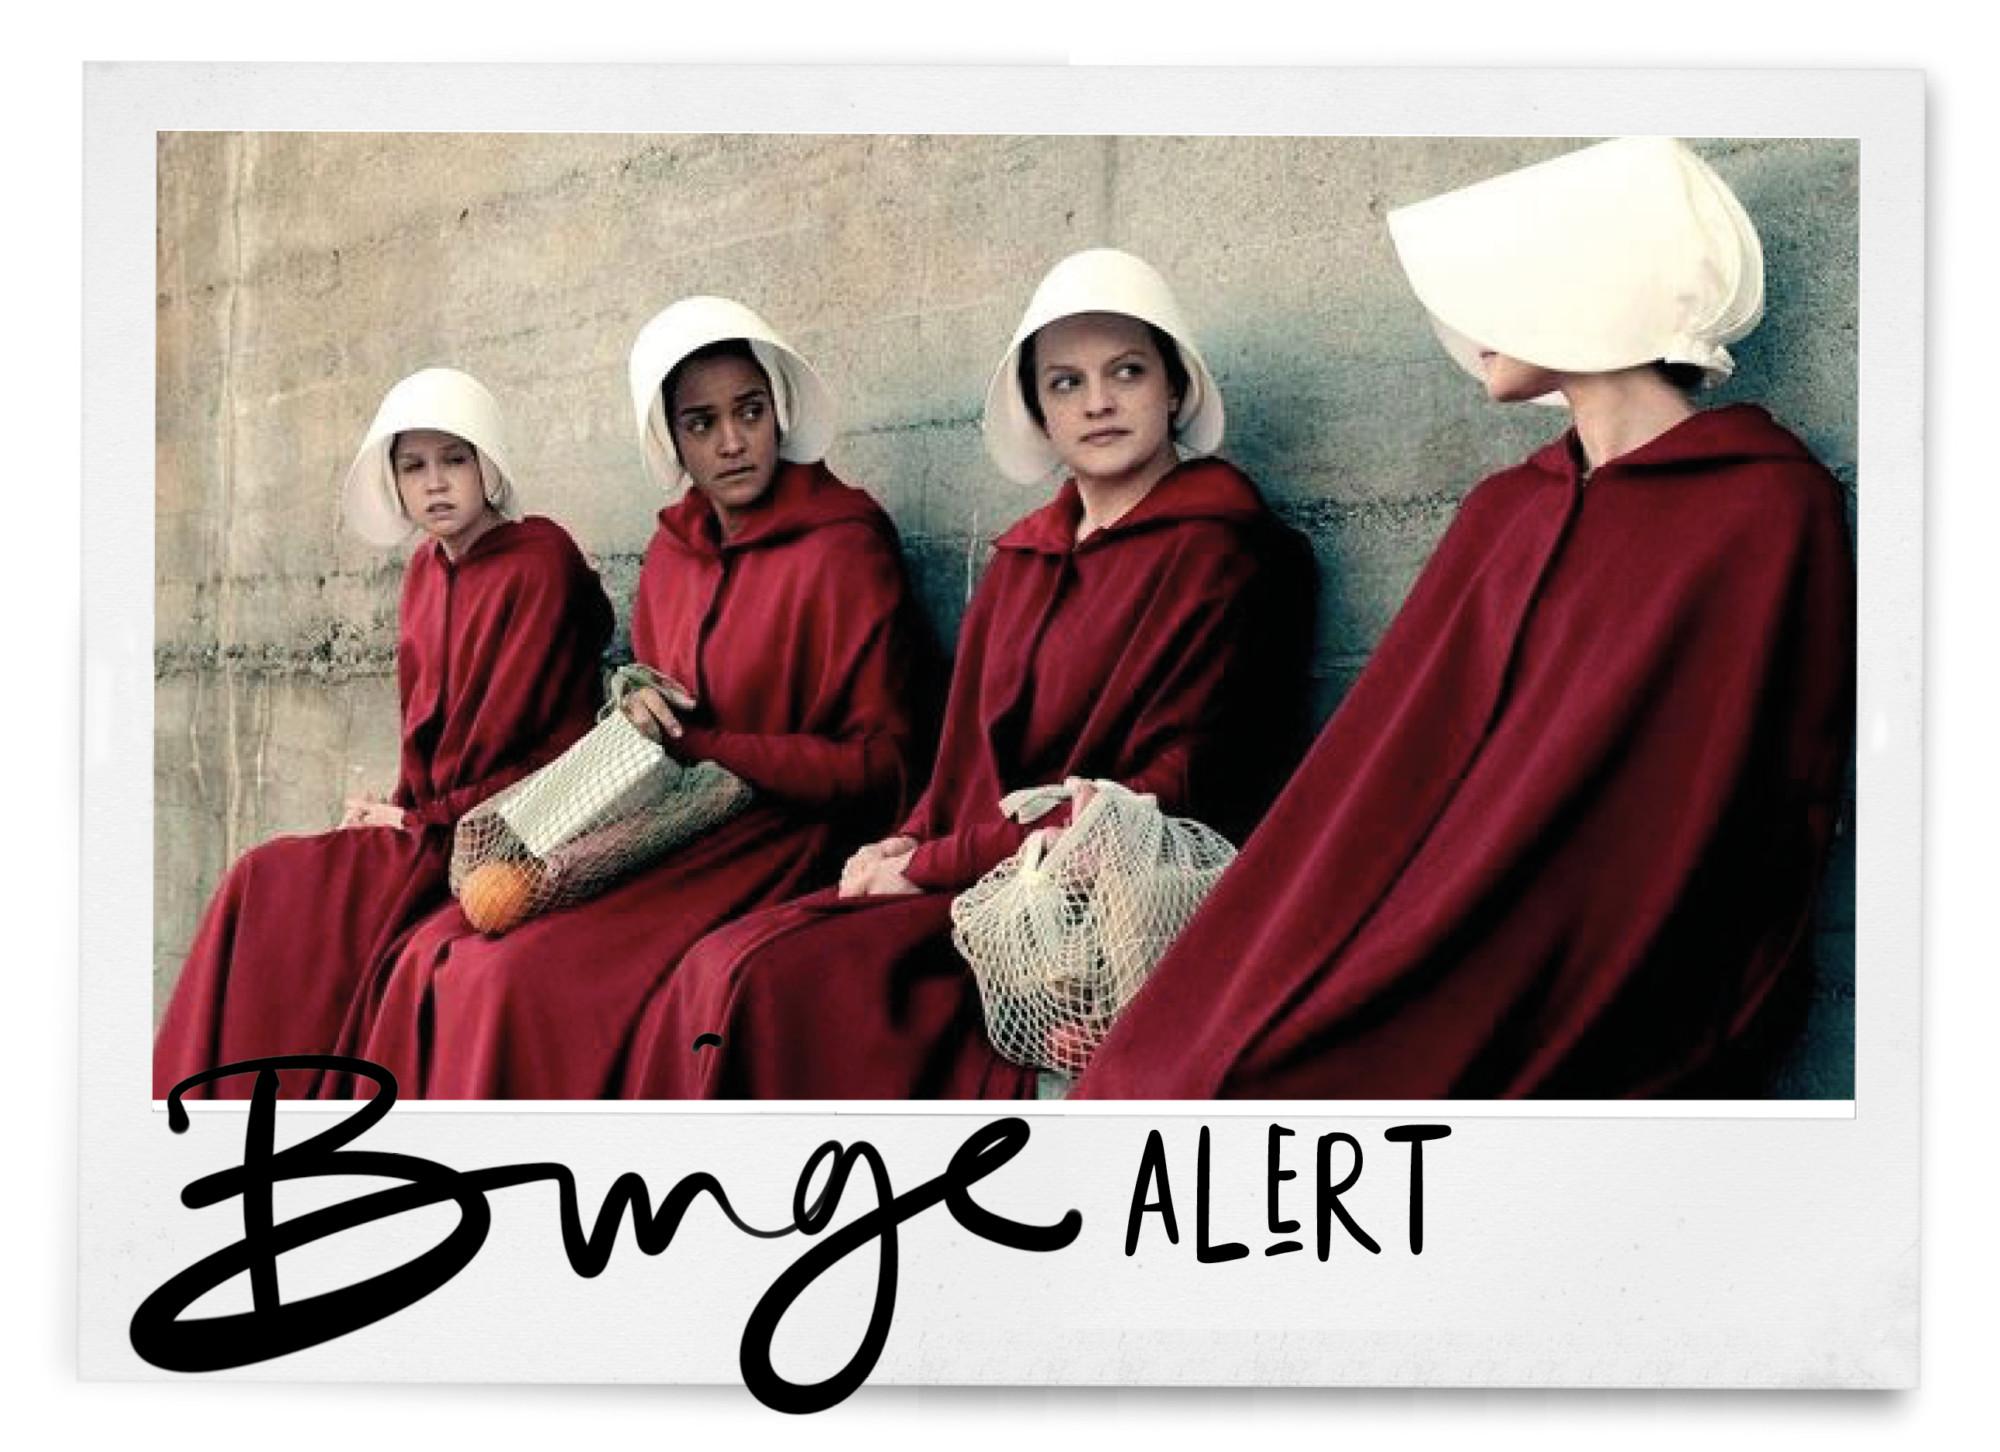 beeld uit de netflixserie the handmaidstale, de acteurs dragen rode jurken en witte kappen en de tekst: binge alert